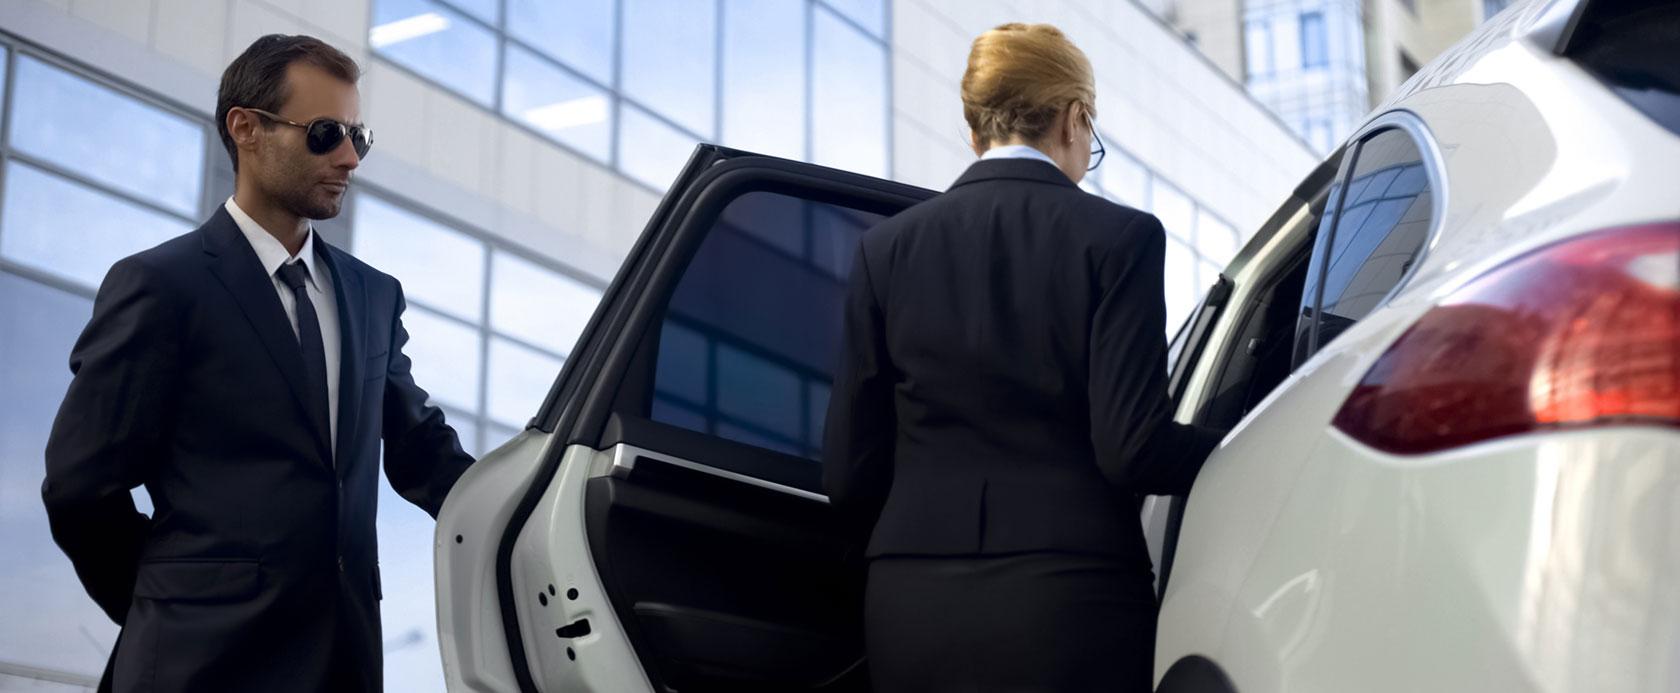 Chauffeurdienst und Empfangsdienst